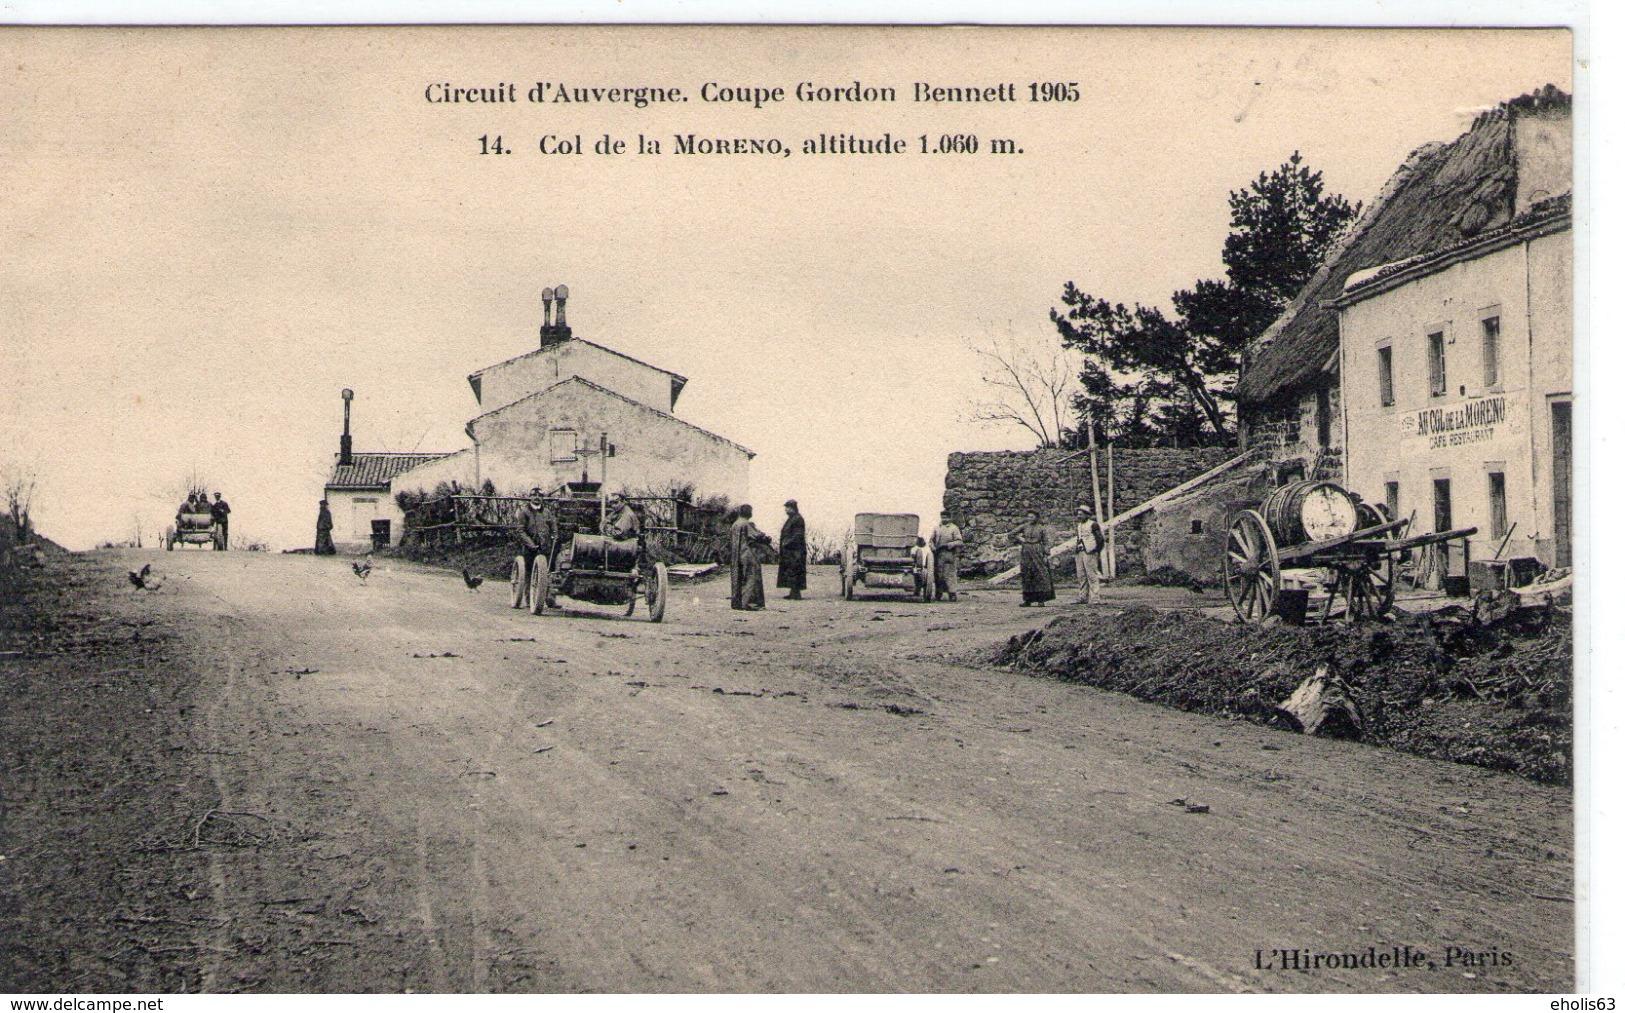 Circuit D'Auvergne - Coupe Gordon Bennett 1905 - COL DE LA MORENO 14 - TBE+ - Motorsport